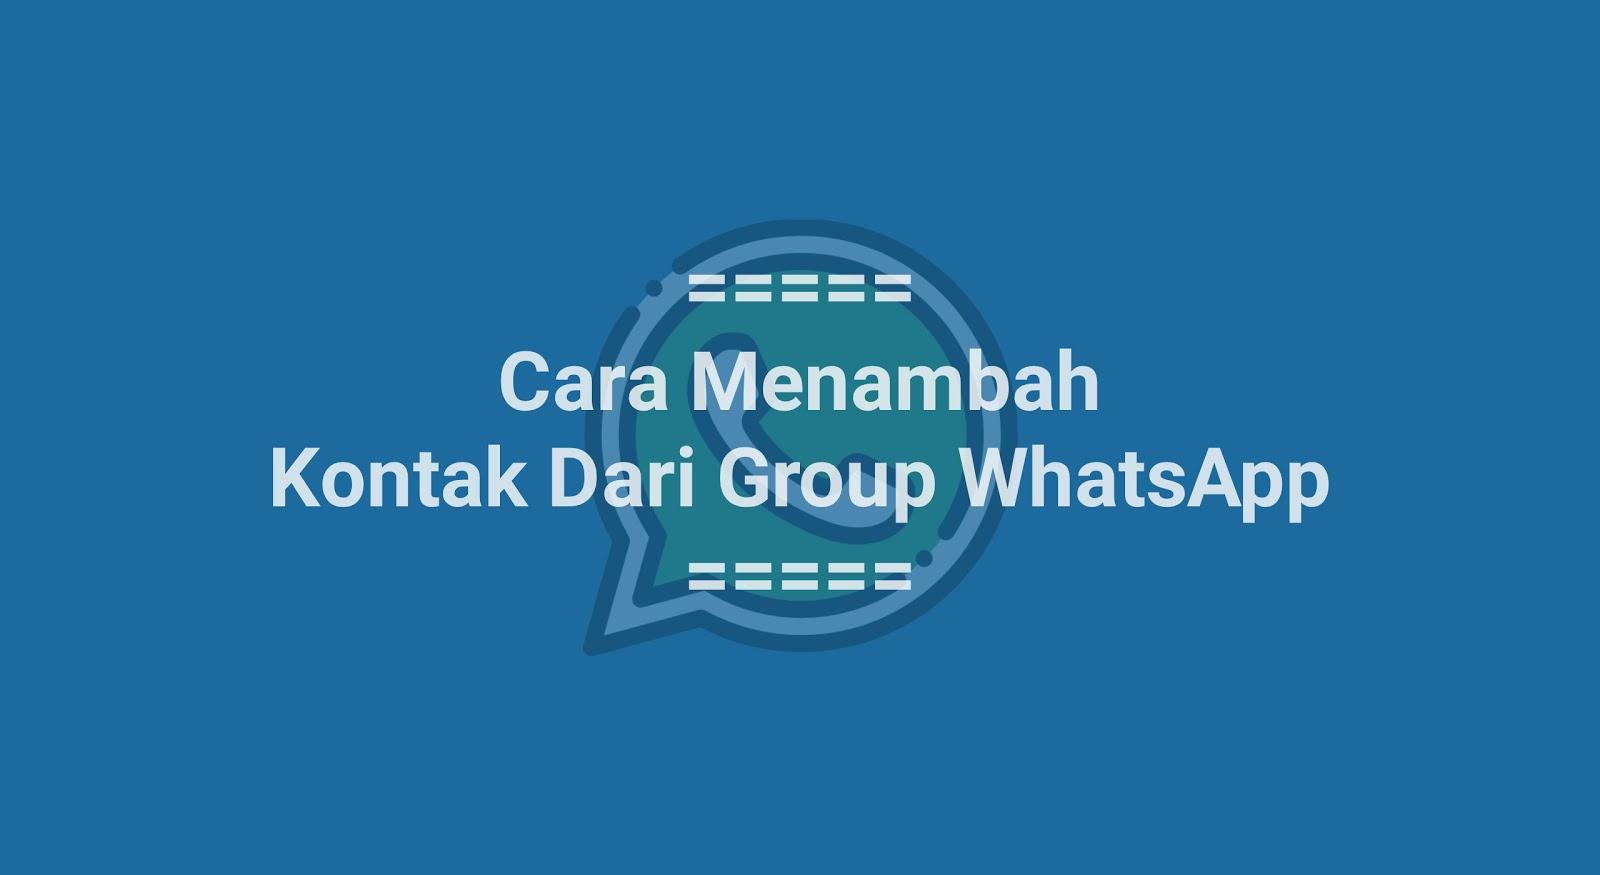 Cara Menambah Kontak dari Group WhatsApp